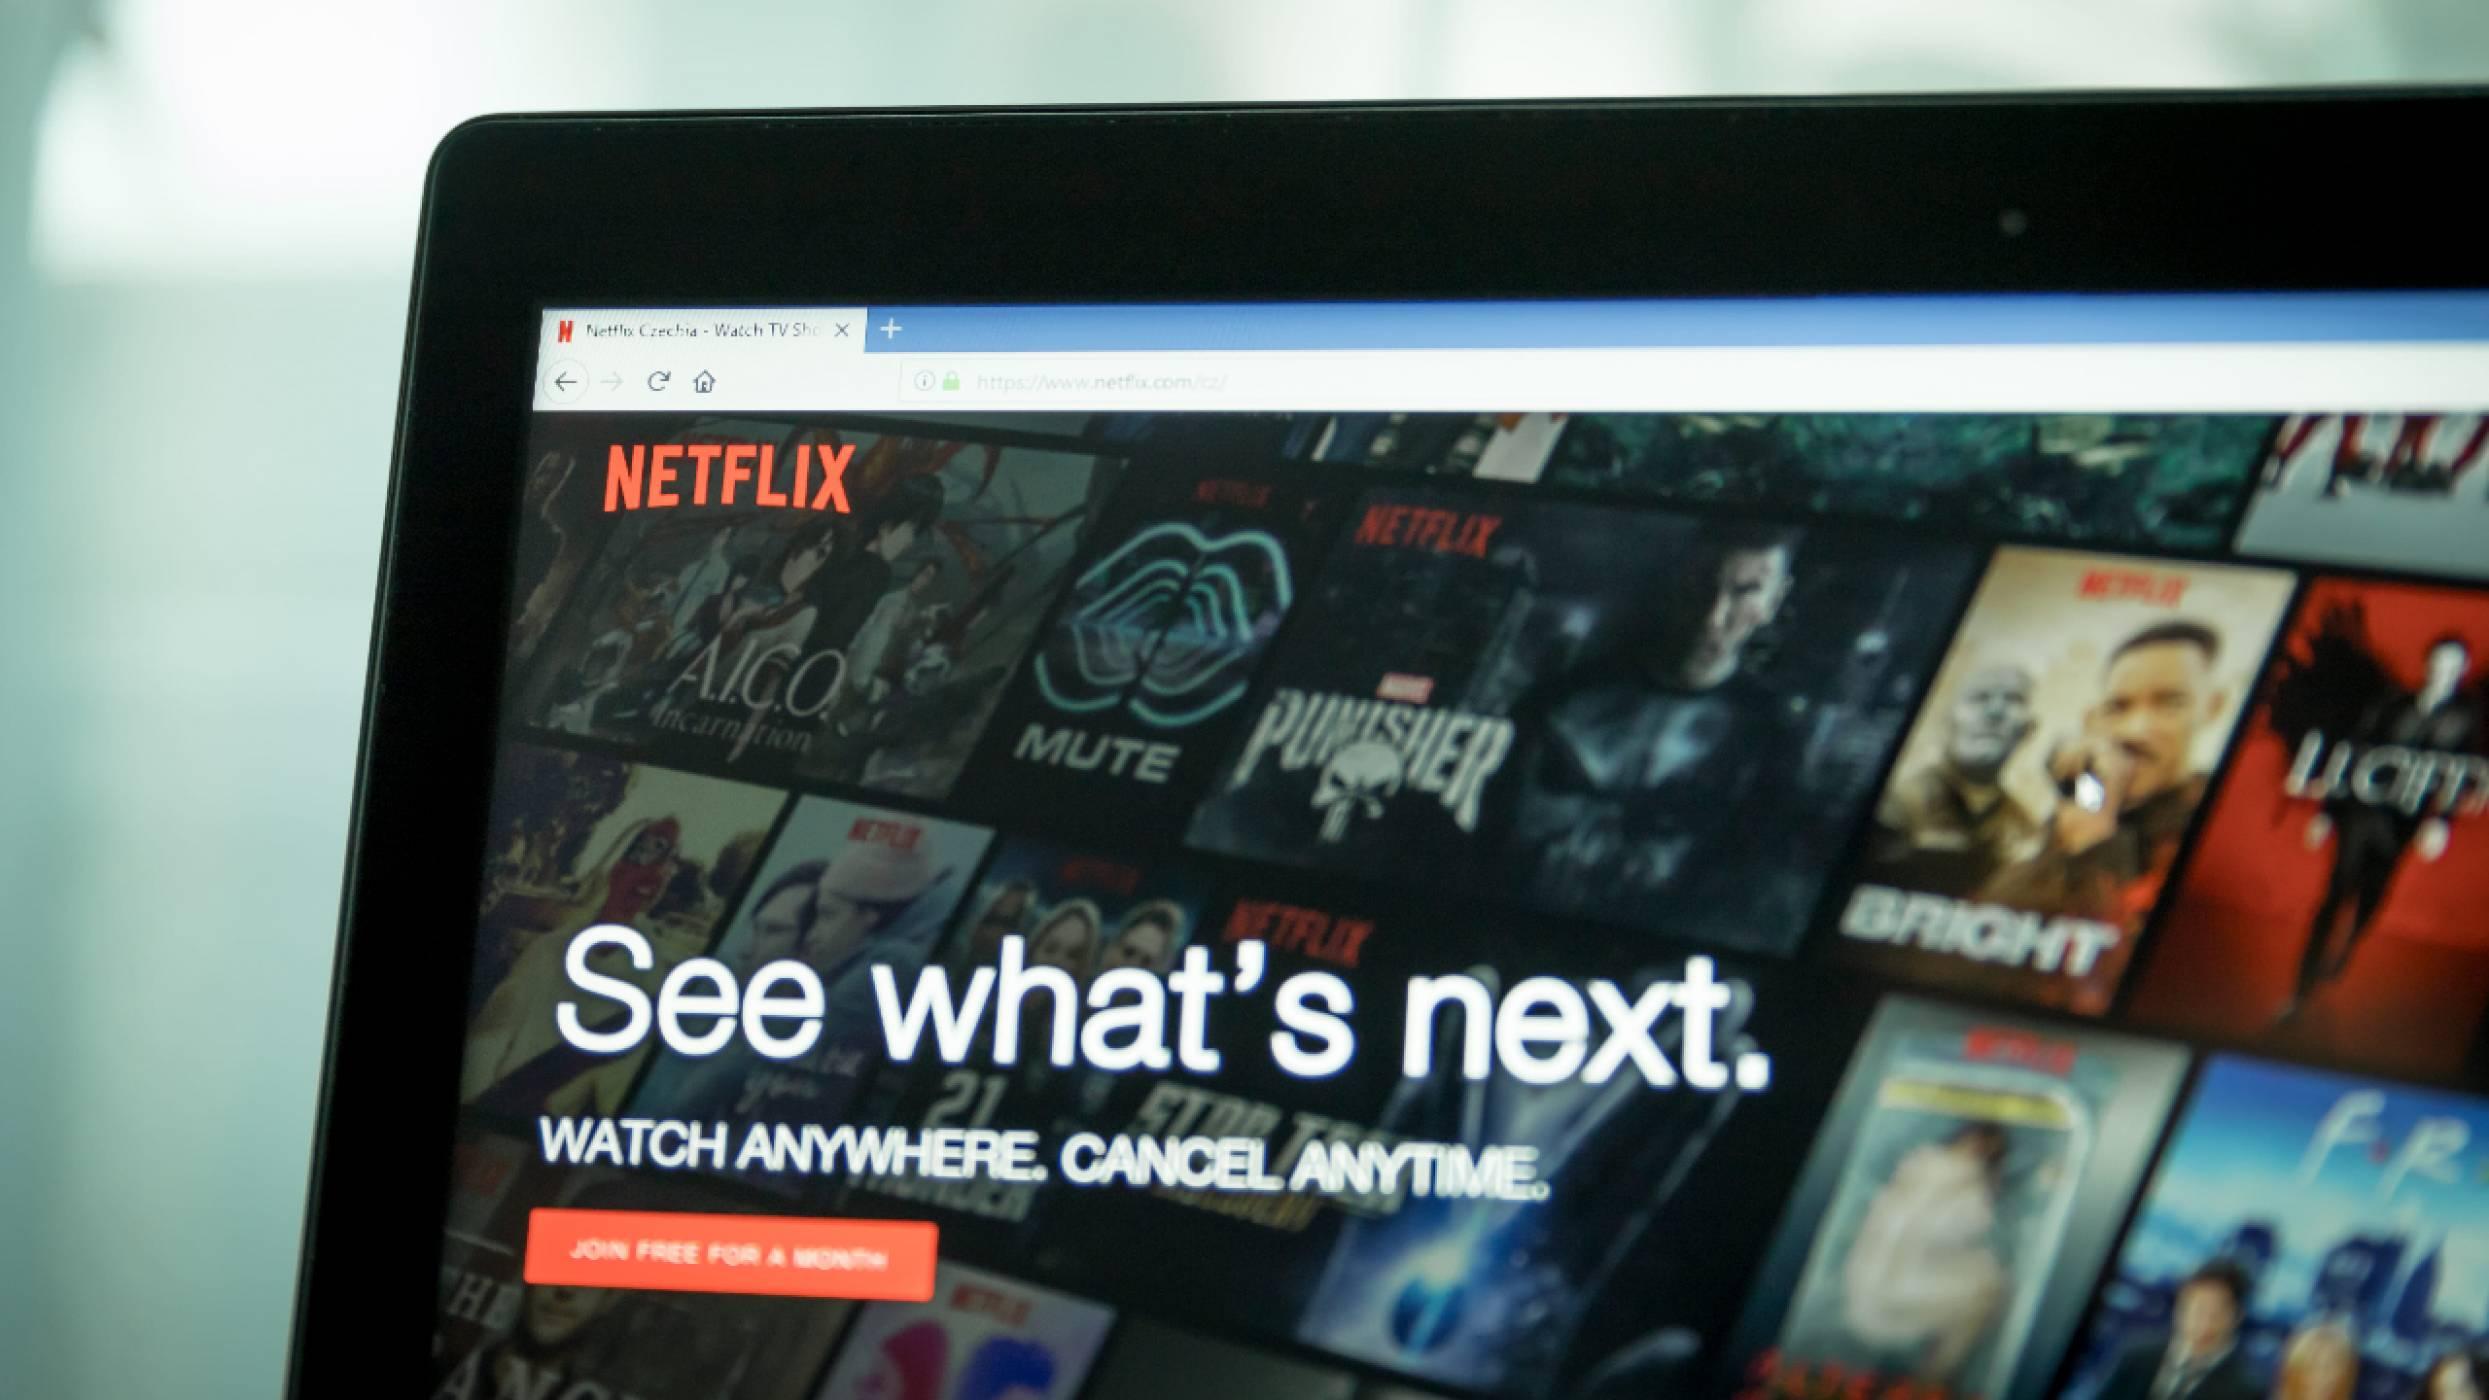 Режисьорите на Avengers: Endgame ще правят най-скъпия филм на Netflix досега